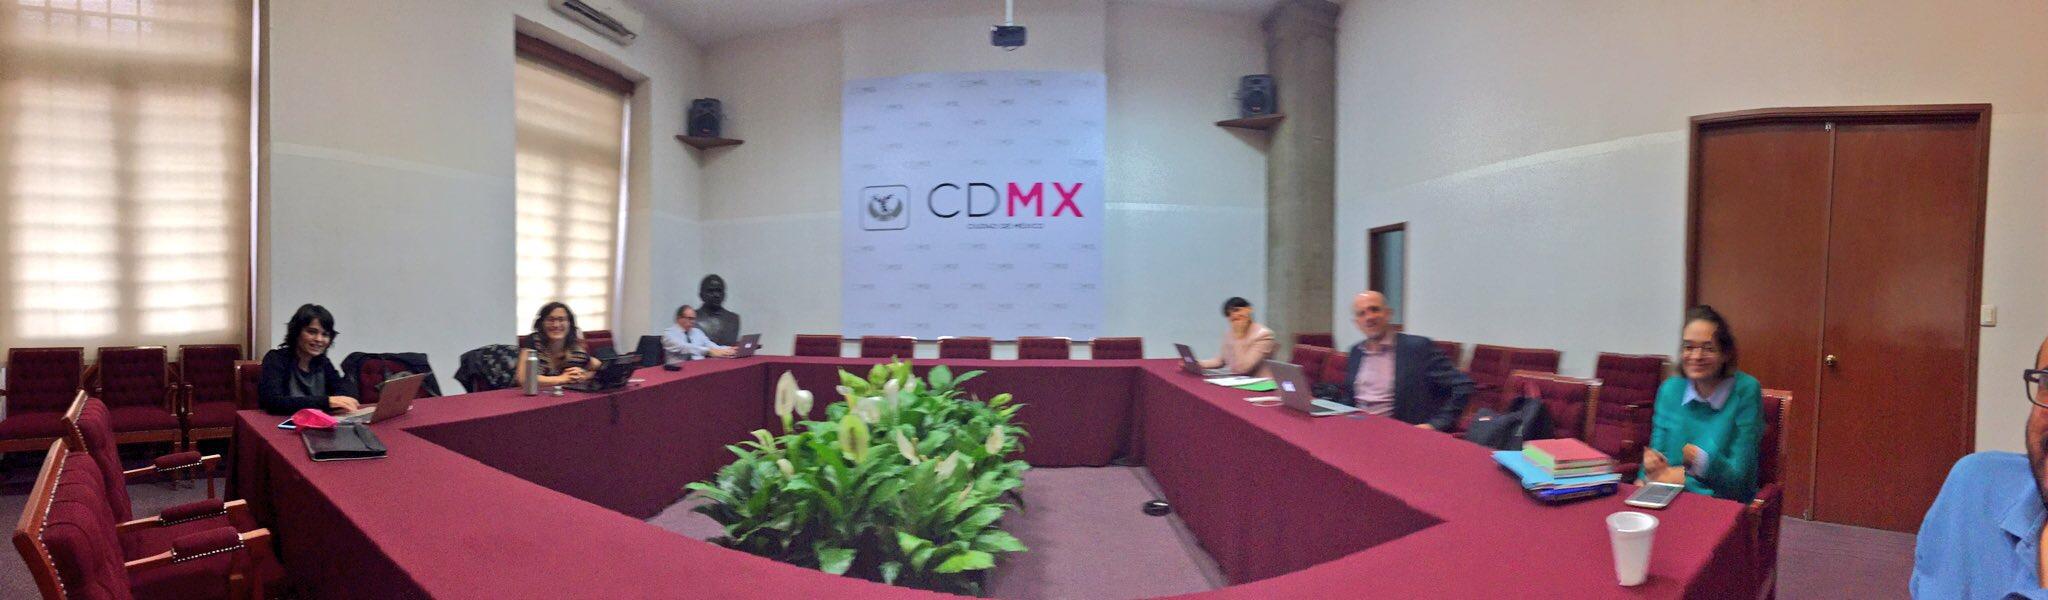 Contrataciones Abiertas de la CDMX: Idear y prototipar